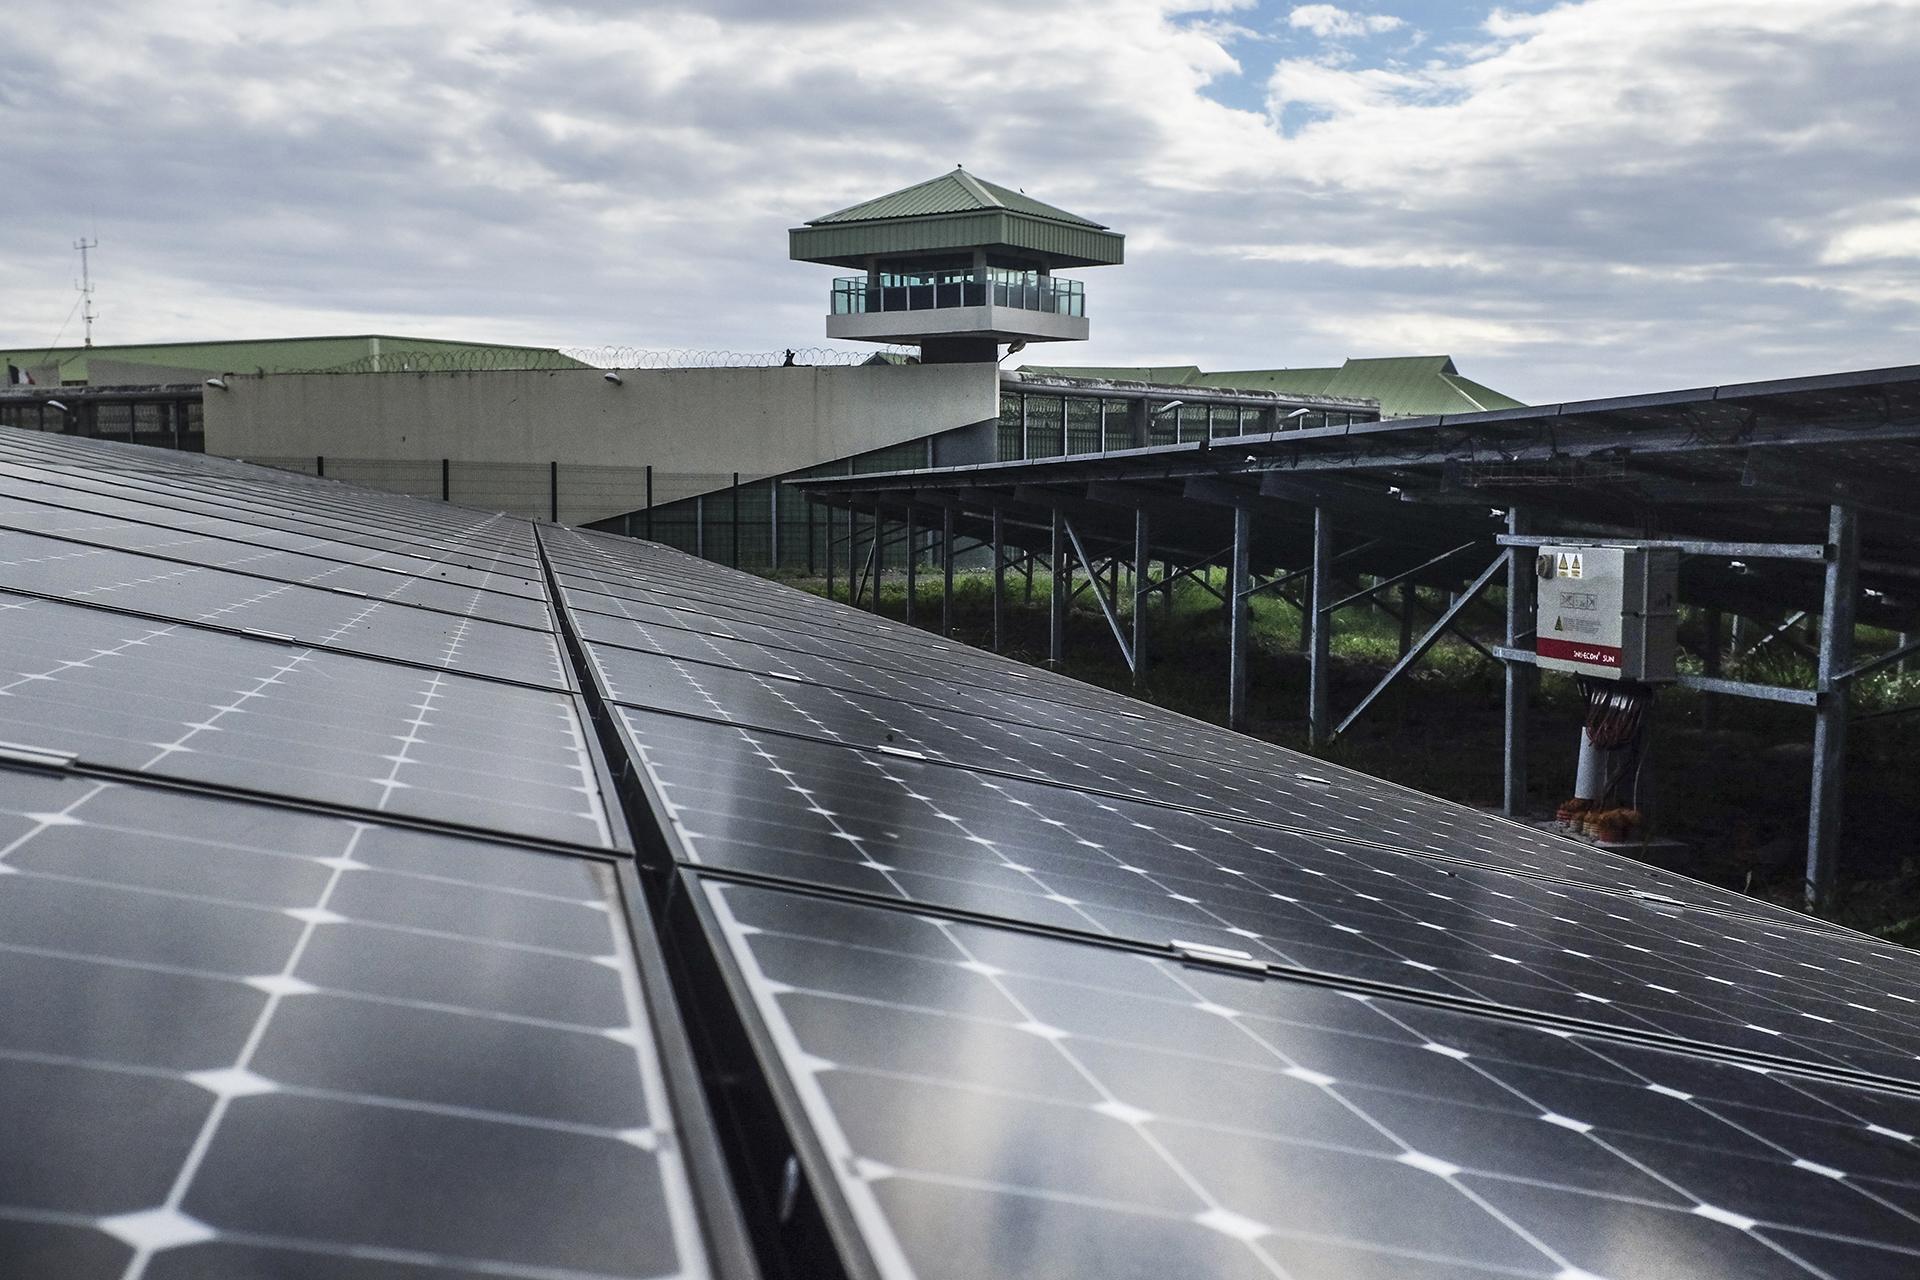 Bardzour, la nouvelle centrale solaire d'Akuo Energy, a été construite à côté du centre de détention du Port (500 prisonniers hommes). Elle associe production d'électricité avec batteries de stockage (consommation de 12 000 foyers, 8 000 tonnes de CO2 évités par an), production agricole sous serre et réinsertion des détenus. Juin 2015, Le Port, Ile de la Réunion.